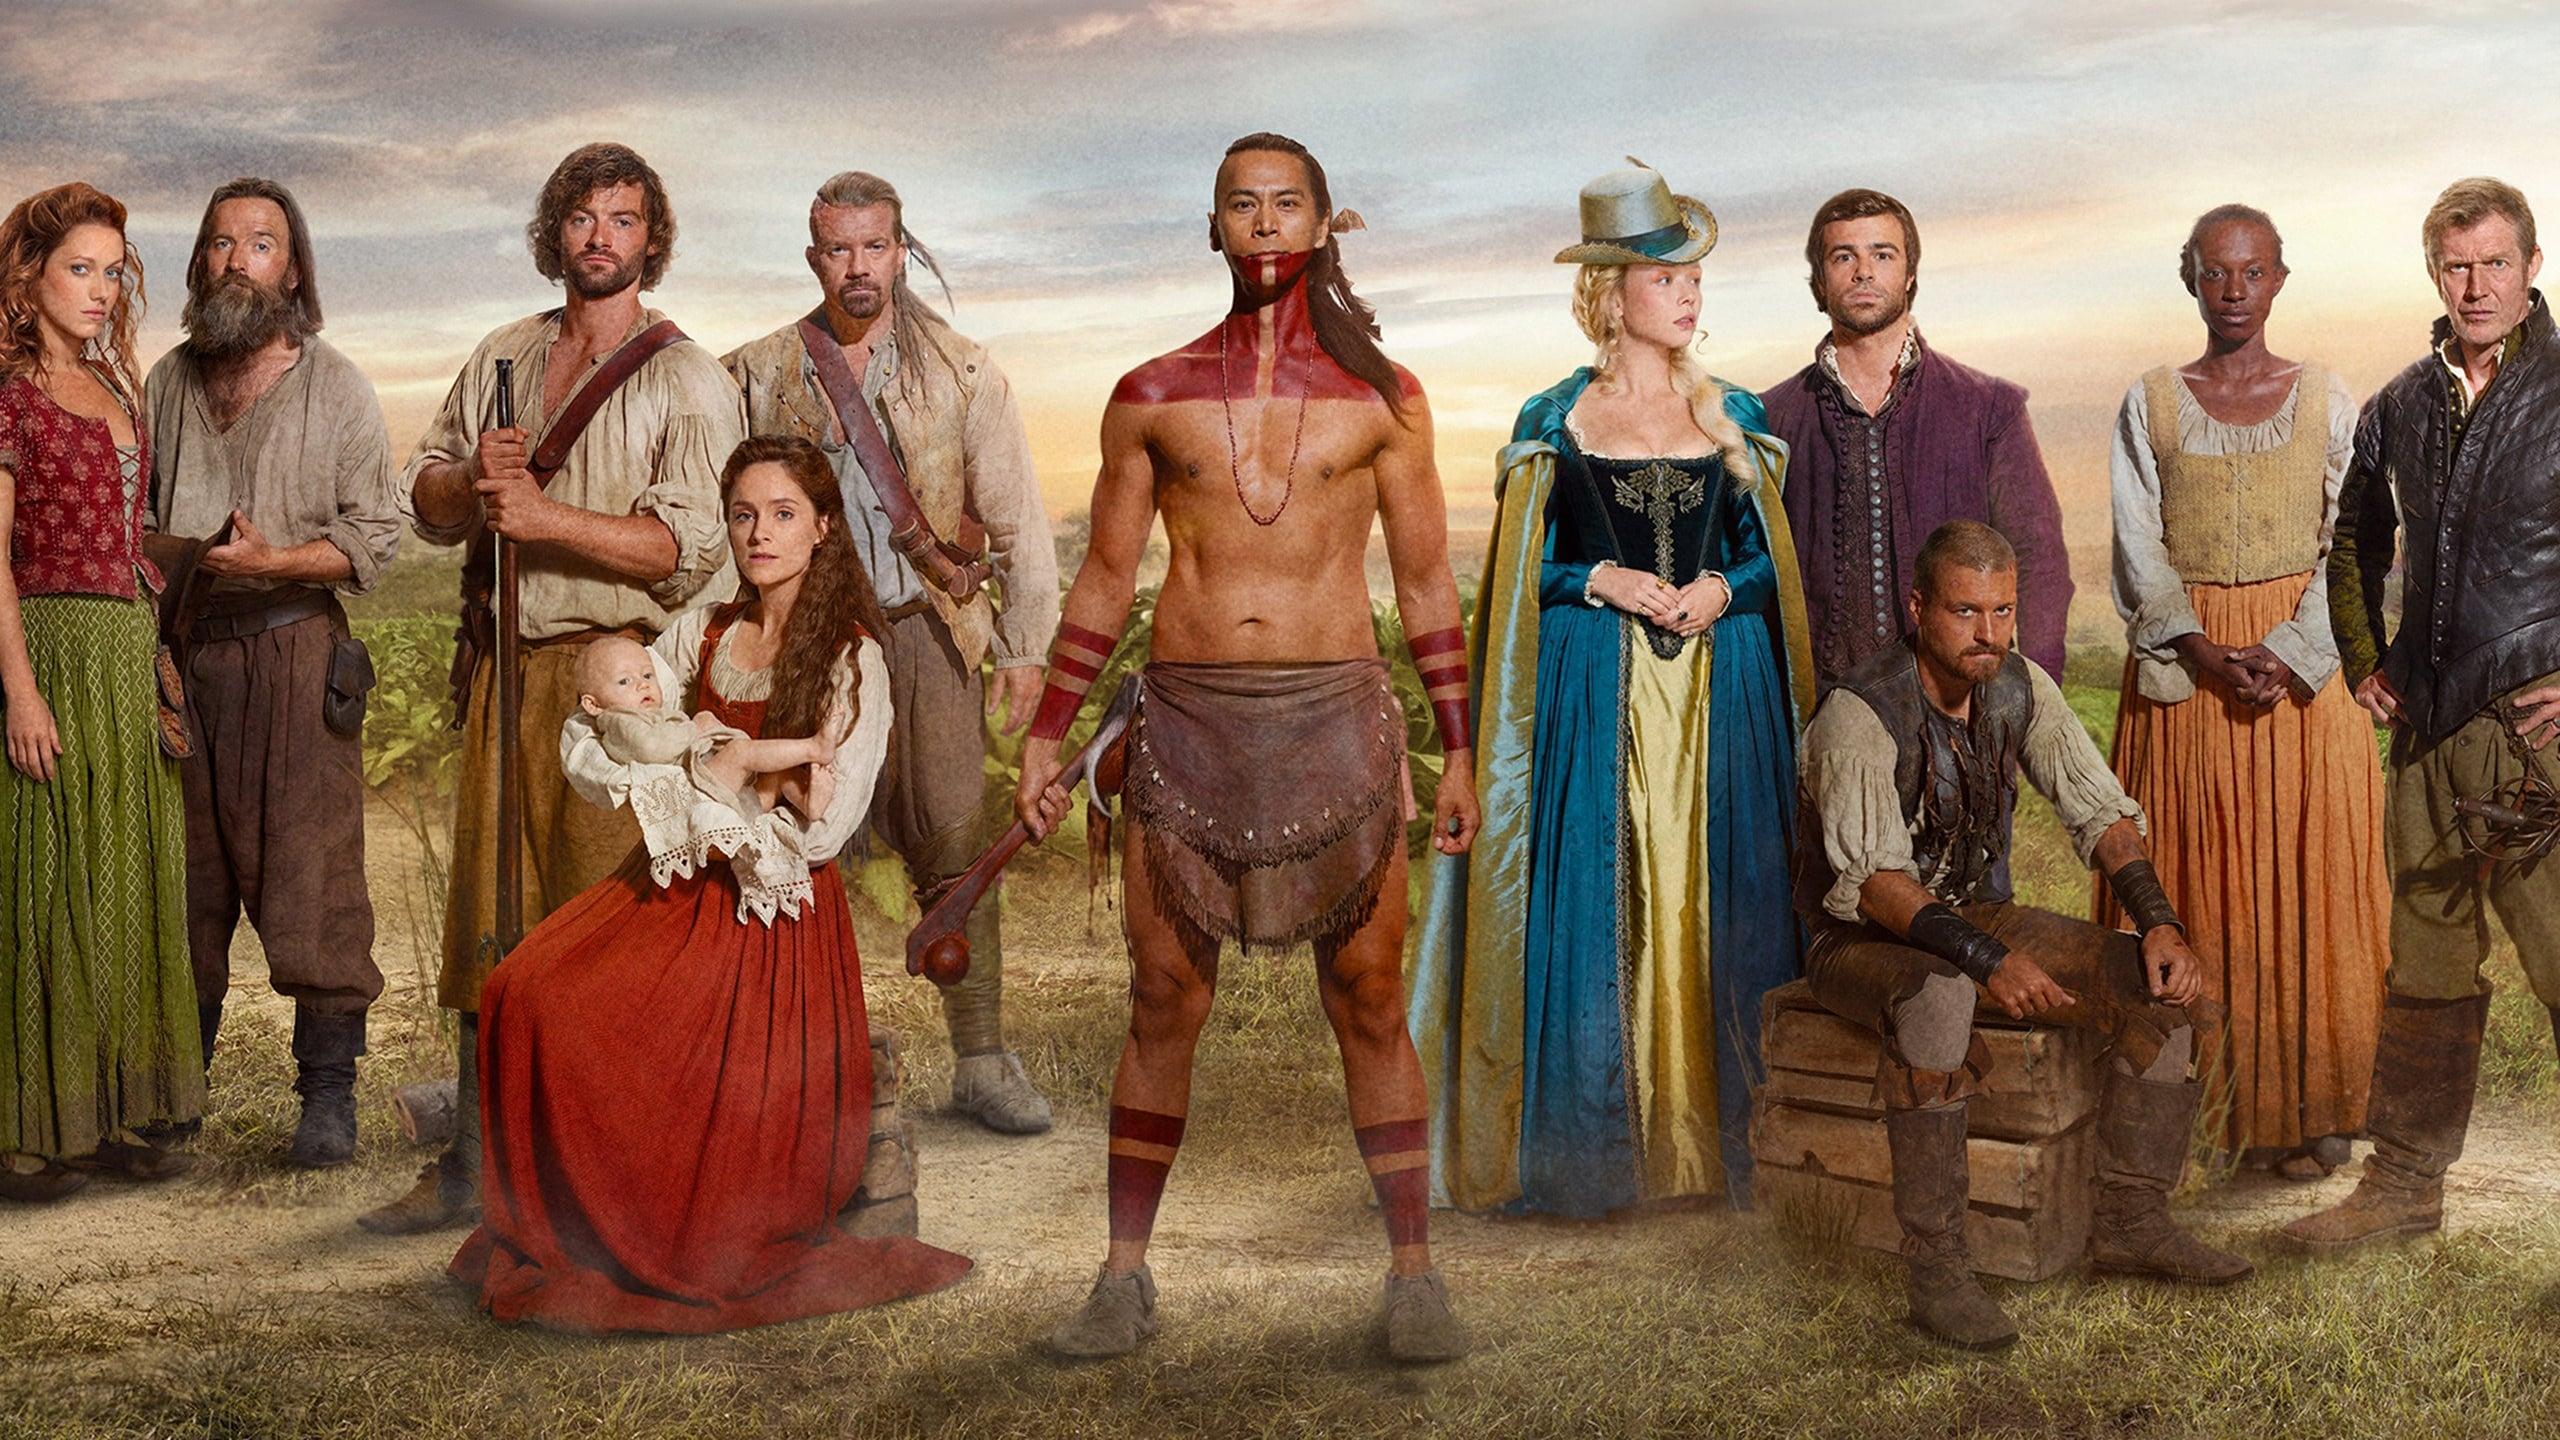 Jamestown season 4